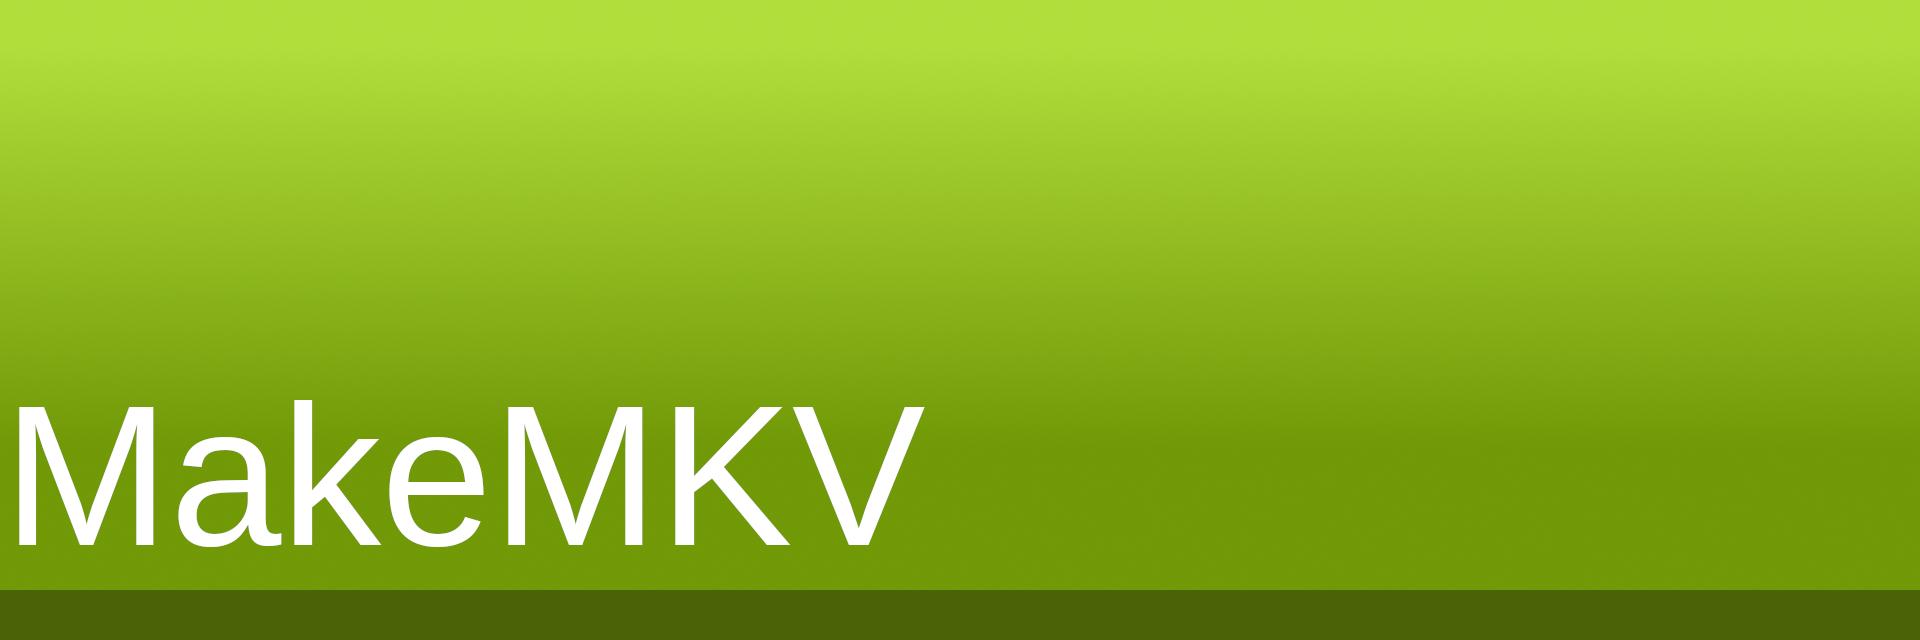 MakeMKV banner